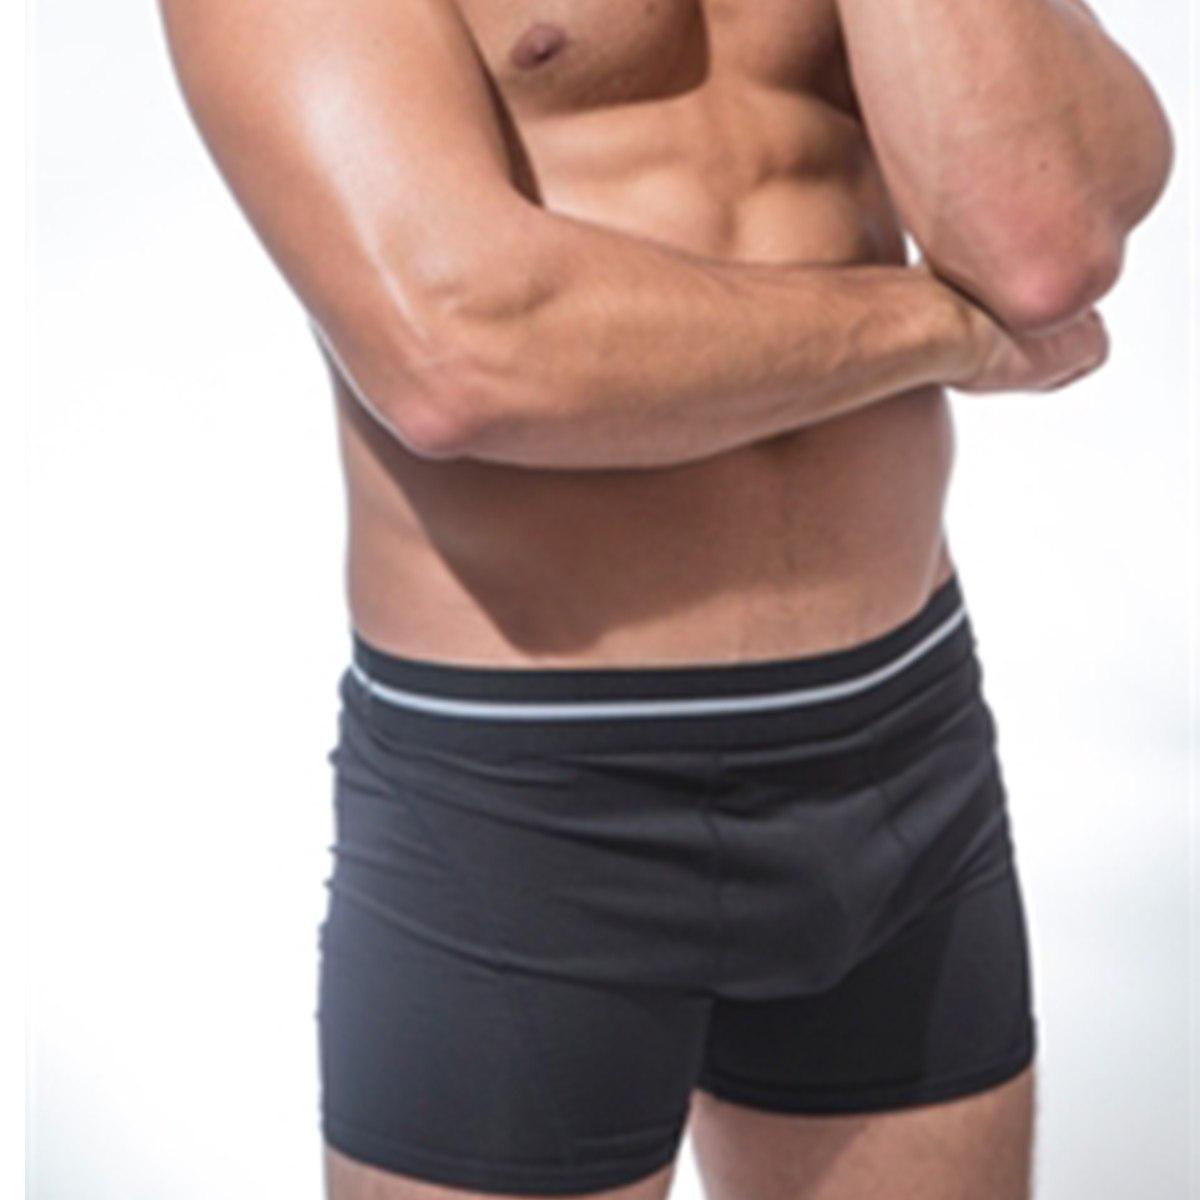 תחתוני בוקסר לגברים תחתוני Dry-Fit איכותיים בצבע שחור (3 אינצ')